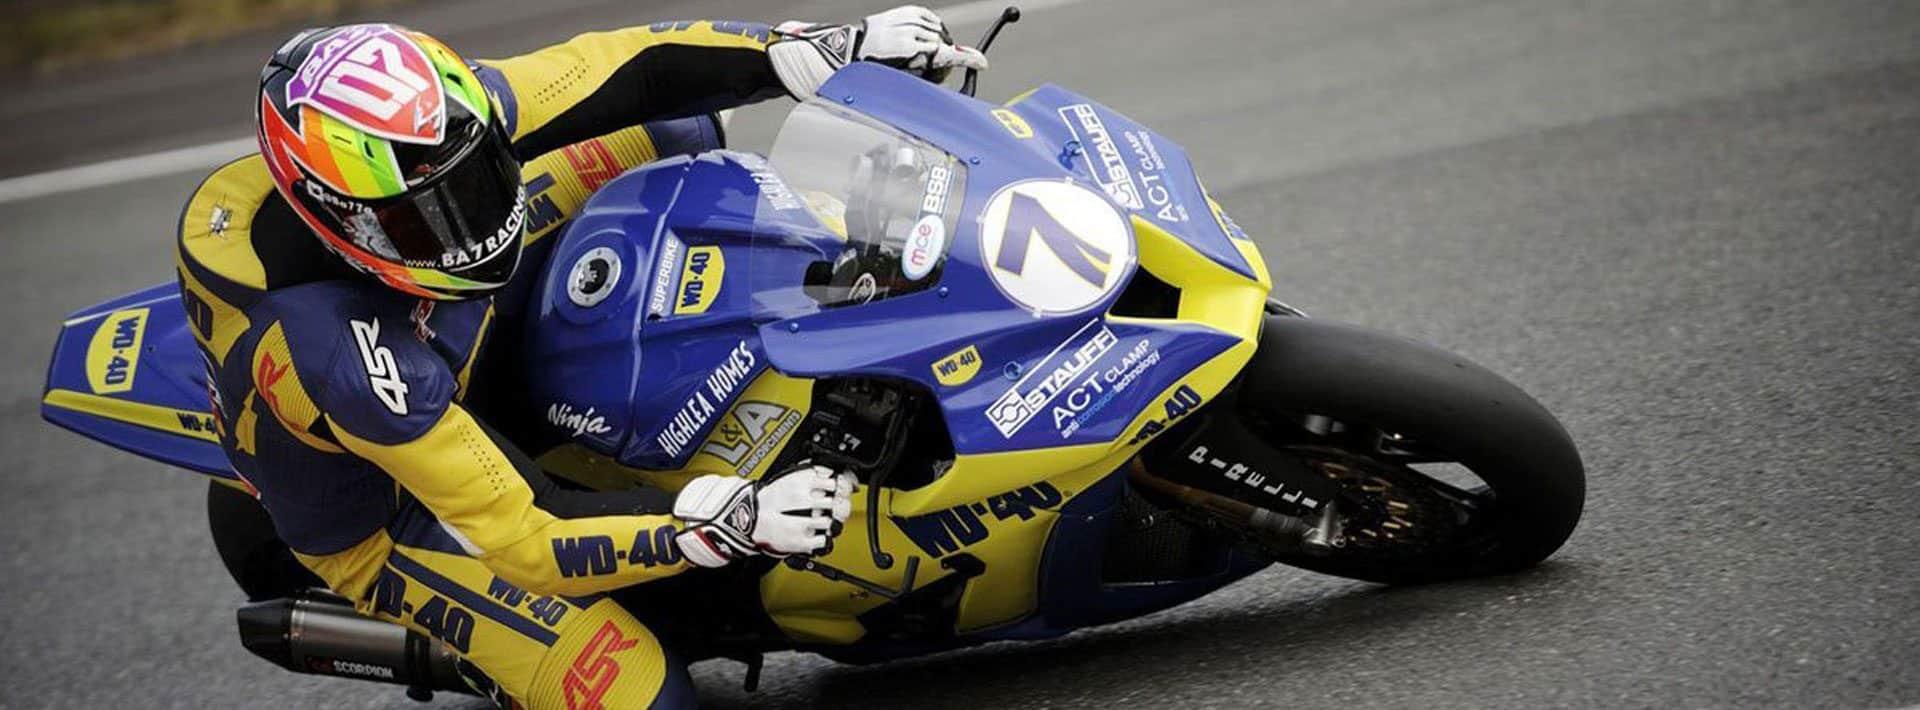 banner 1920x710 motorbike